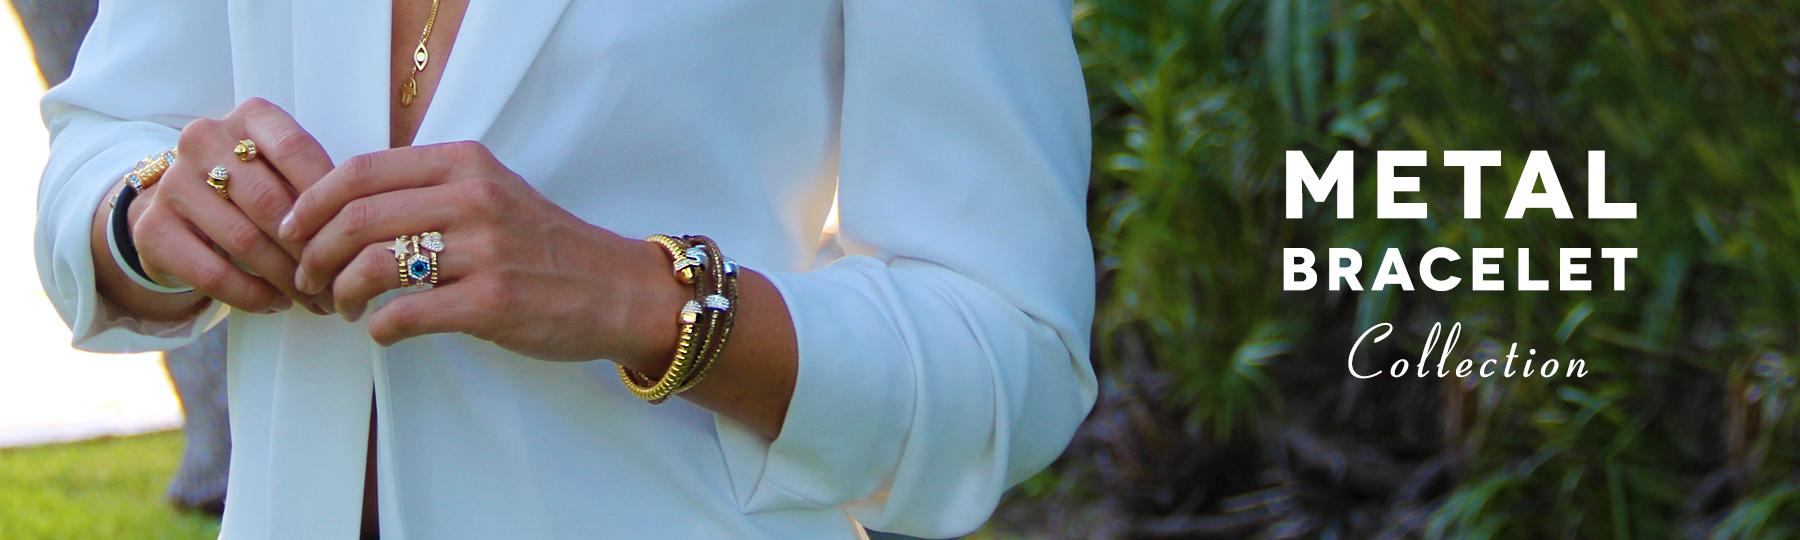 banner-women-metal-bracelets-9-6-17.jpg